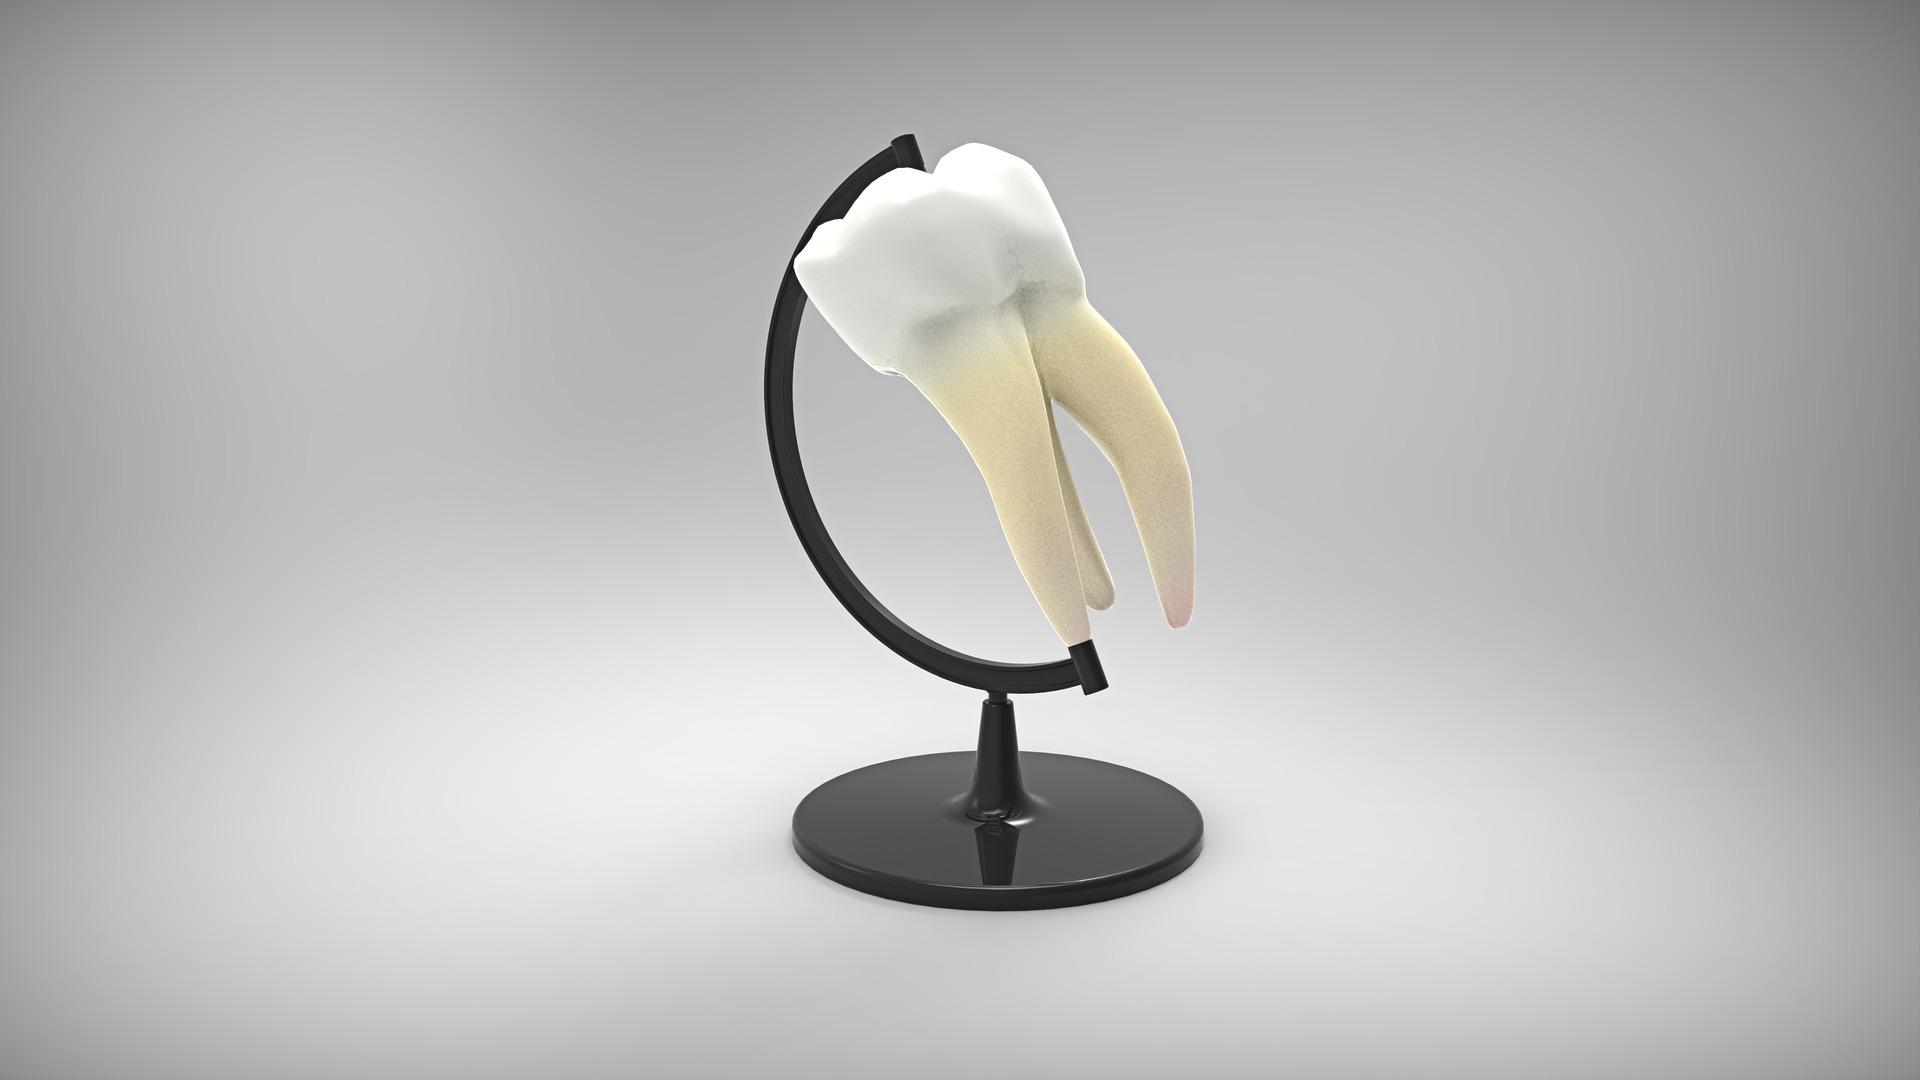 Estrategia clínica dental: ¿Cómo facturar más?